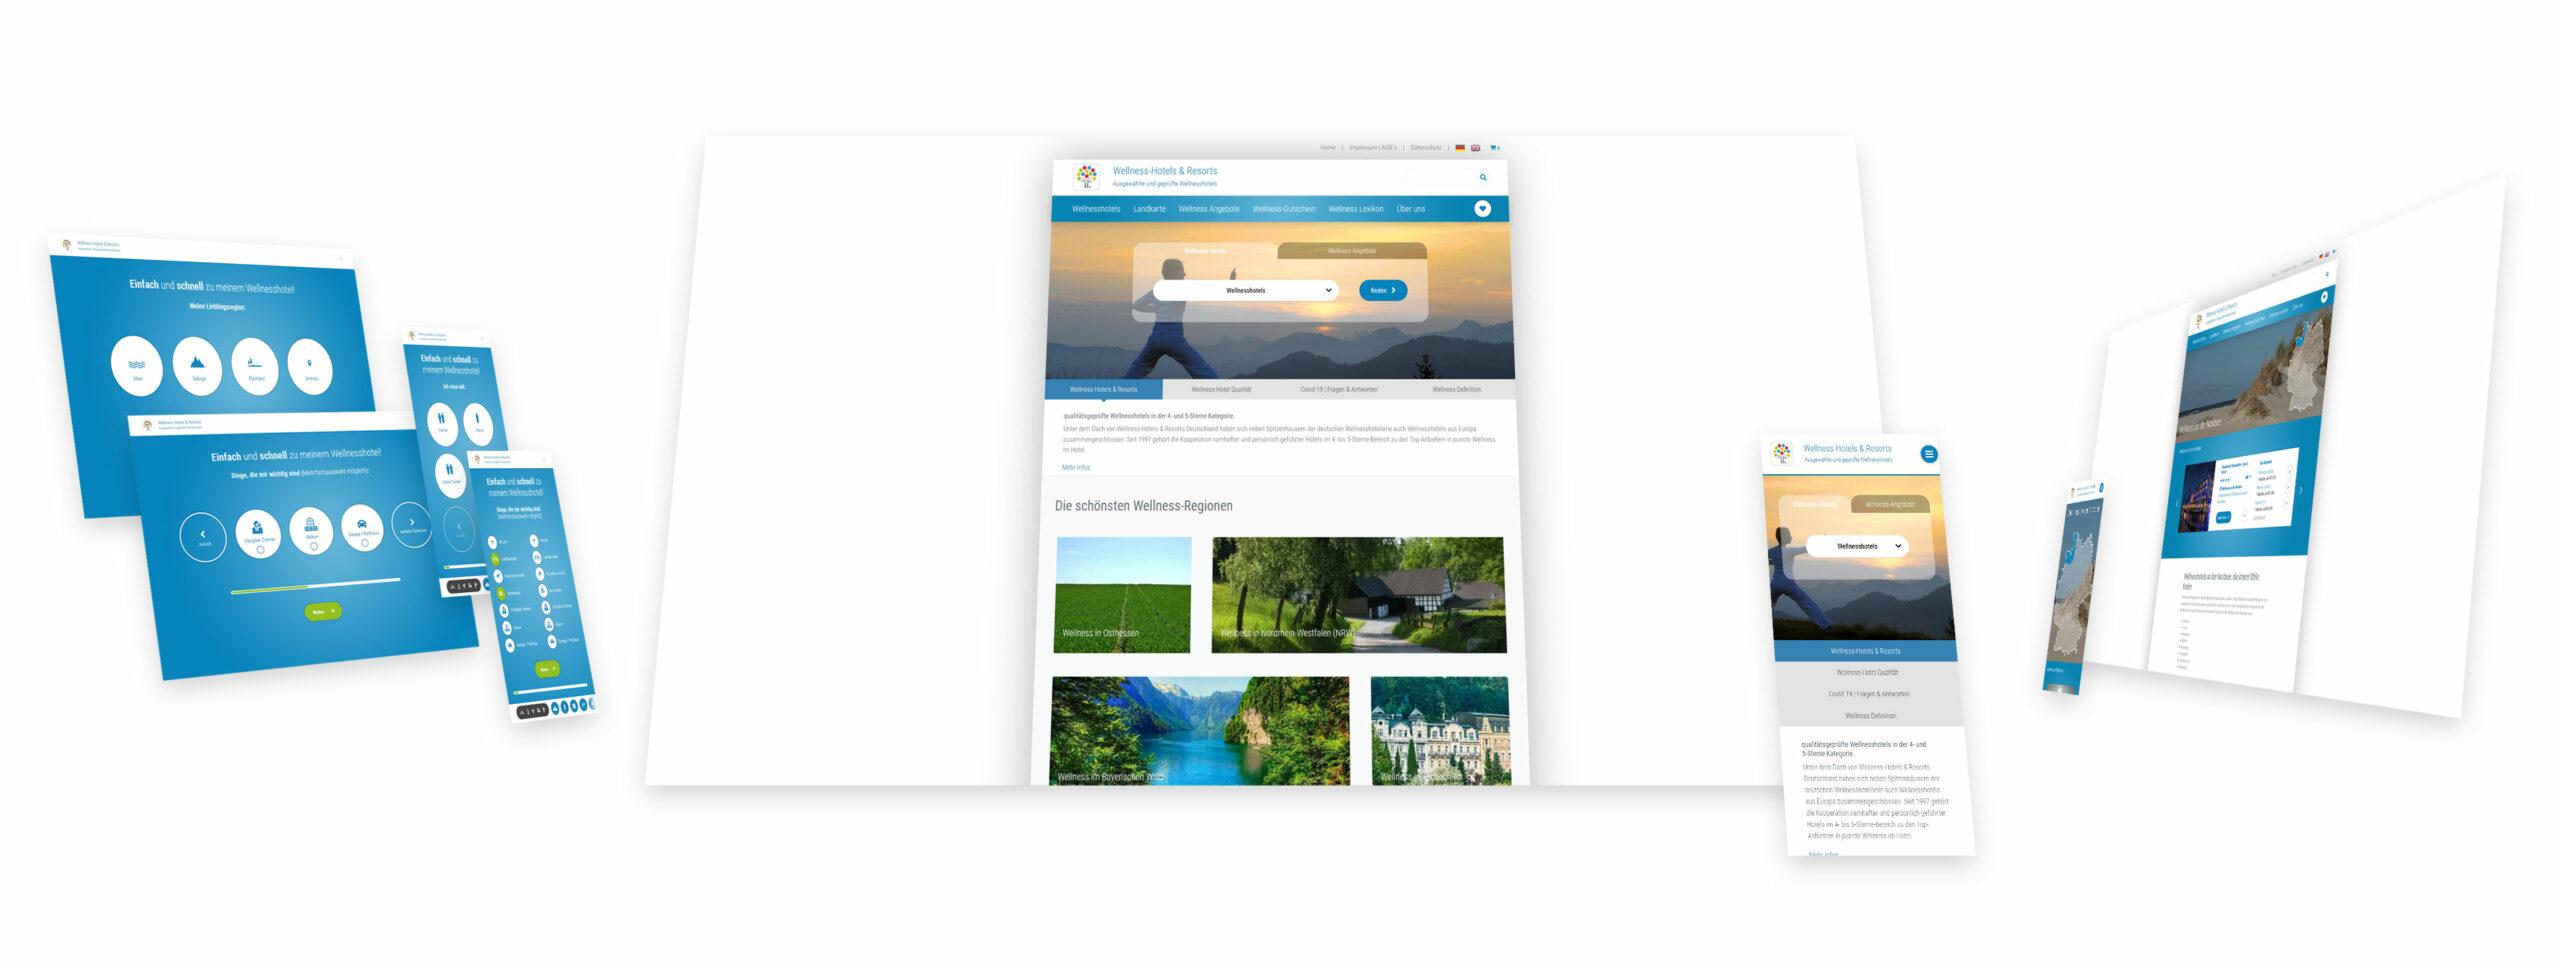 Relaunch des Wellnessportals Wellnesshotels- und Resorts